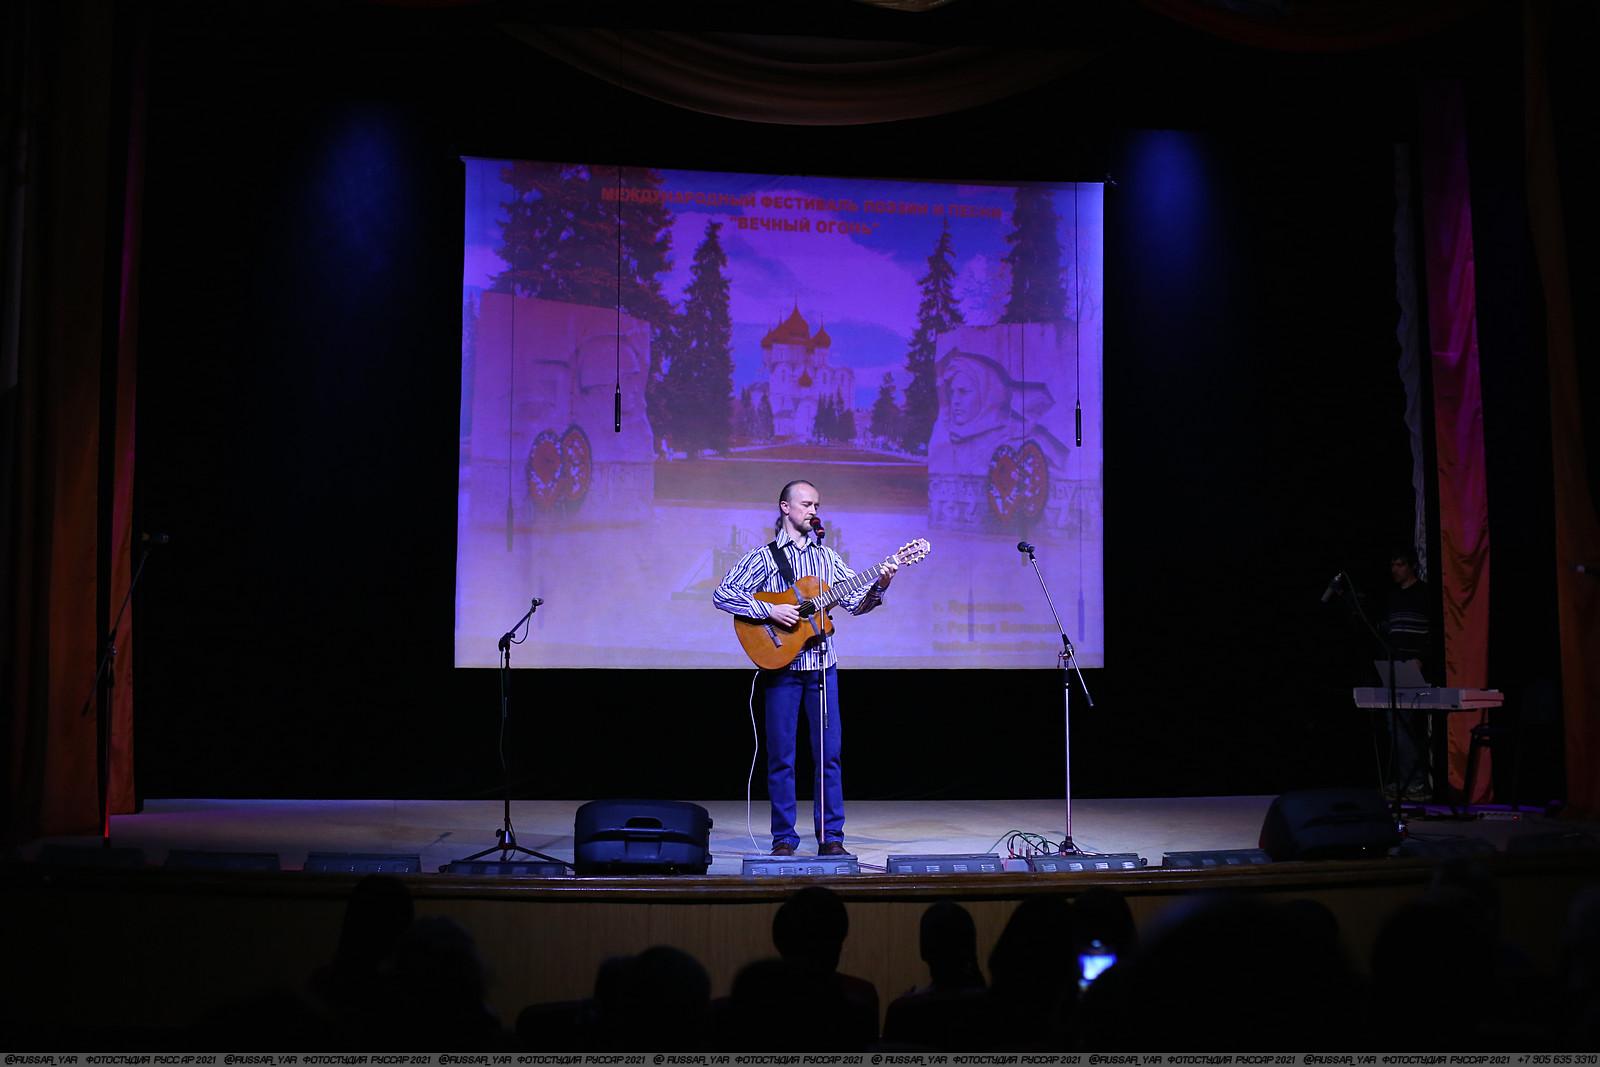 В Ярославле проходит международный фестиваль поэзии и песни «Вечный огонь»